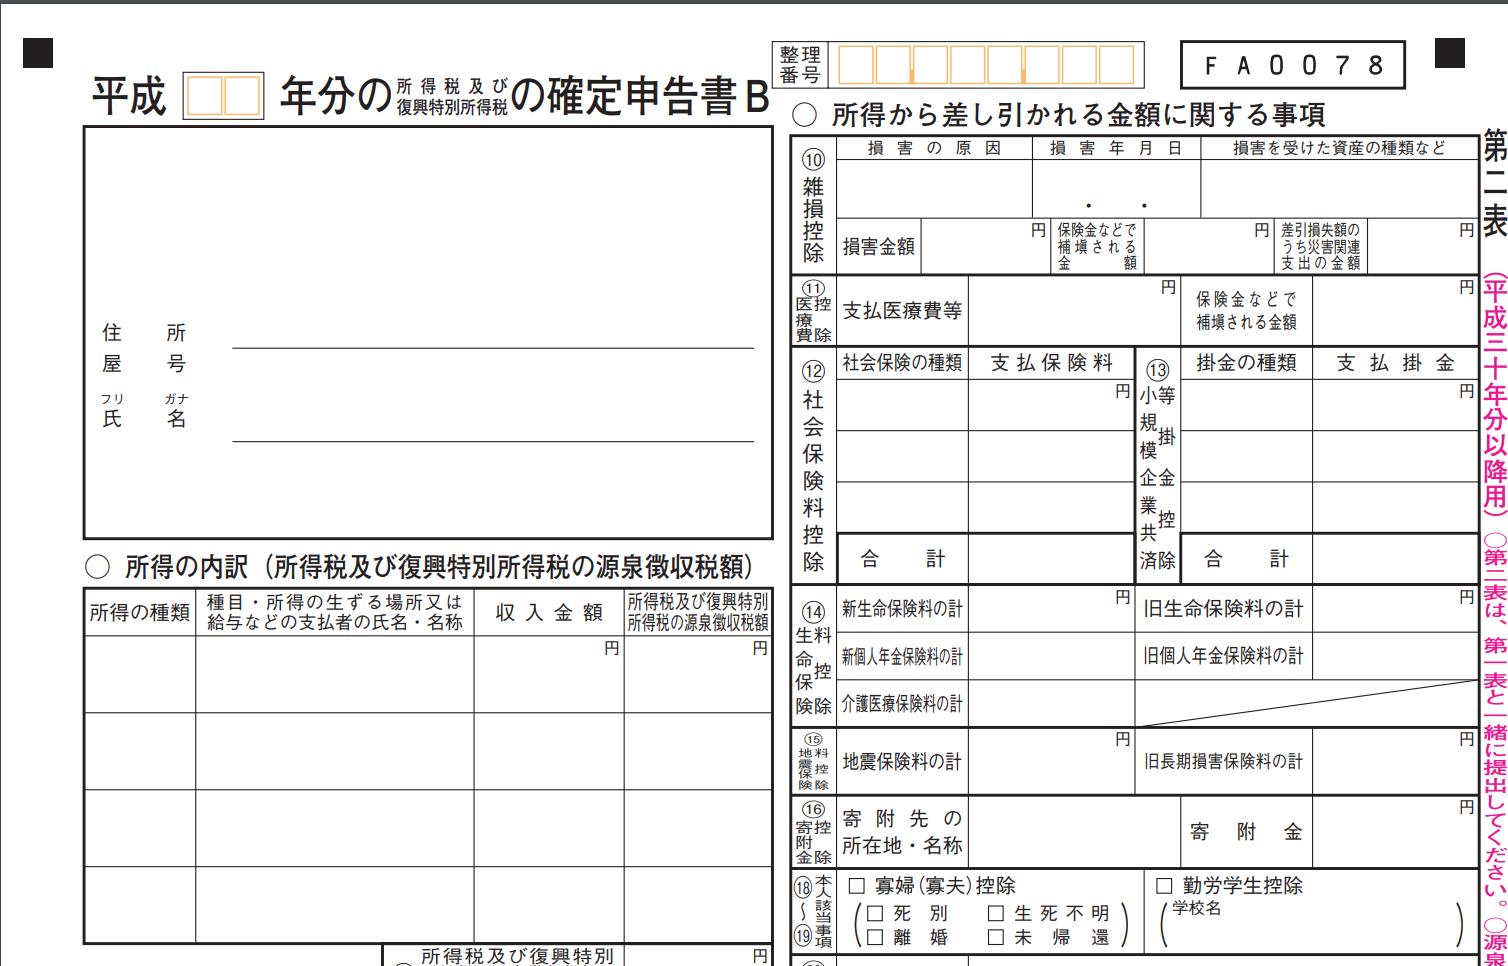 確定申告書類B第二表画像